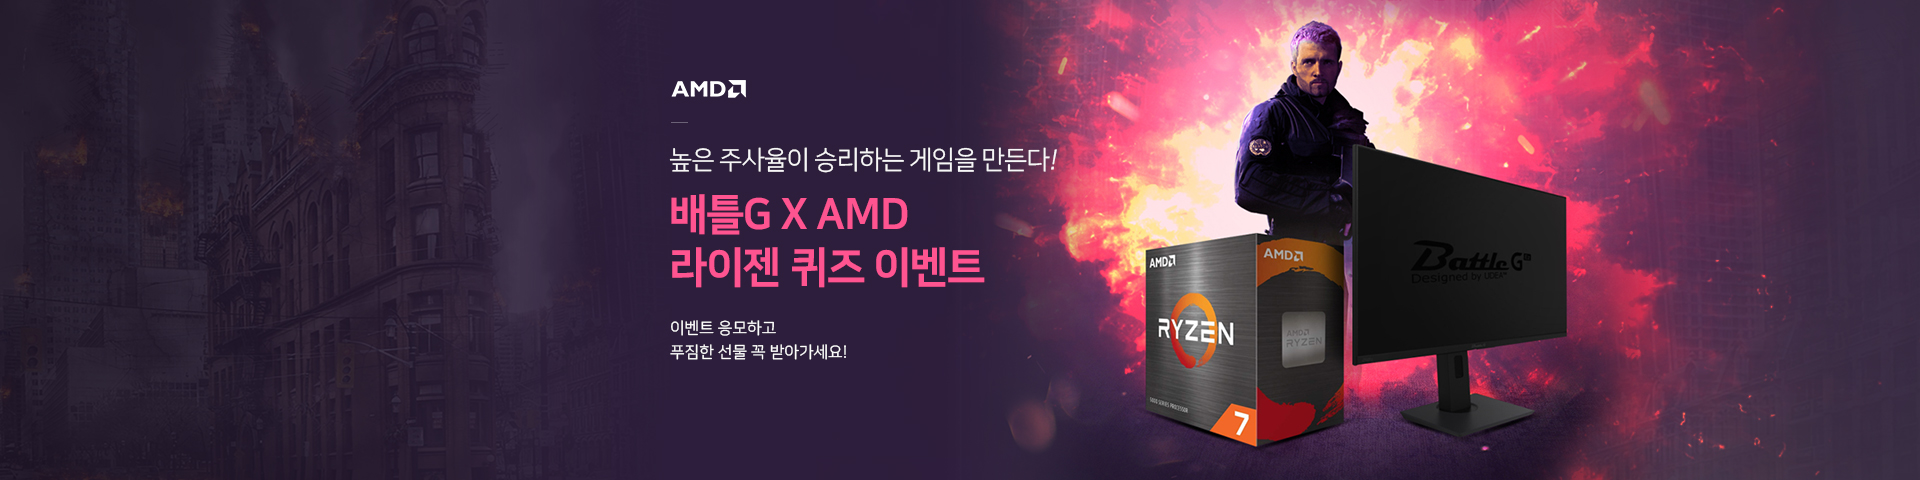 [AMD] 라이젠&유디아 퀴즈 이벤트